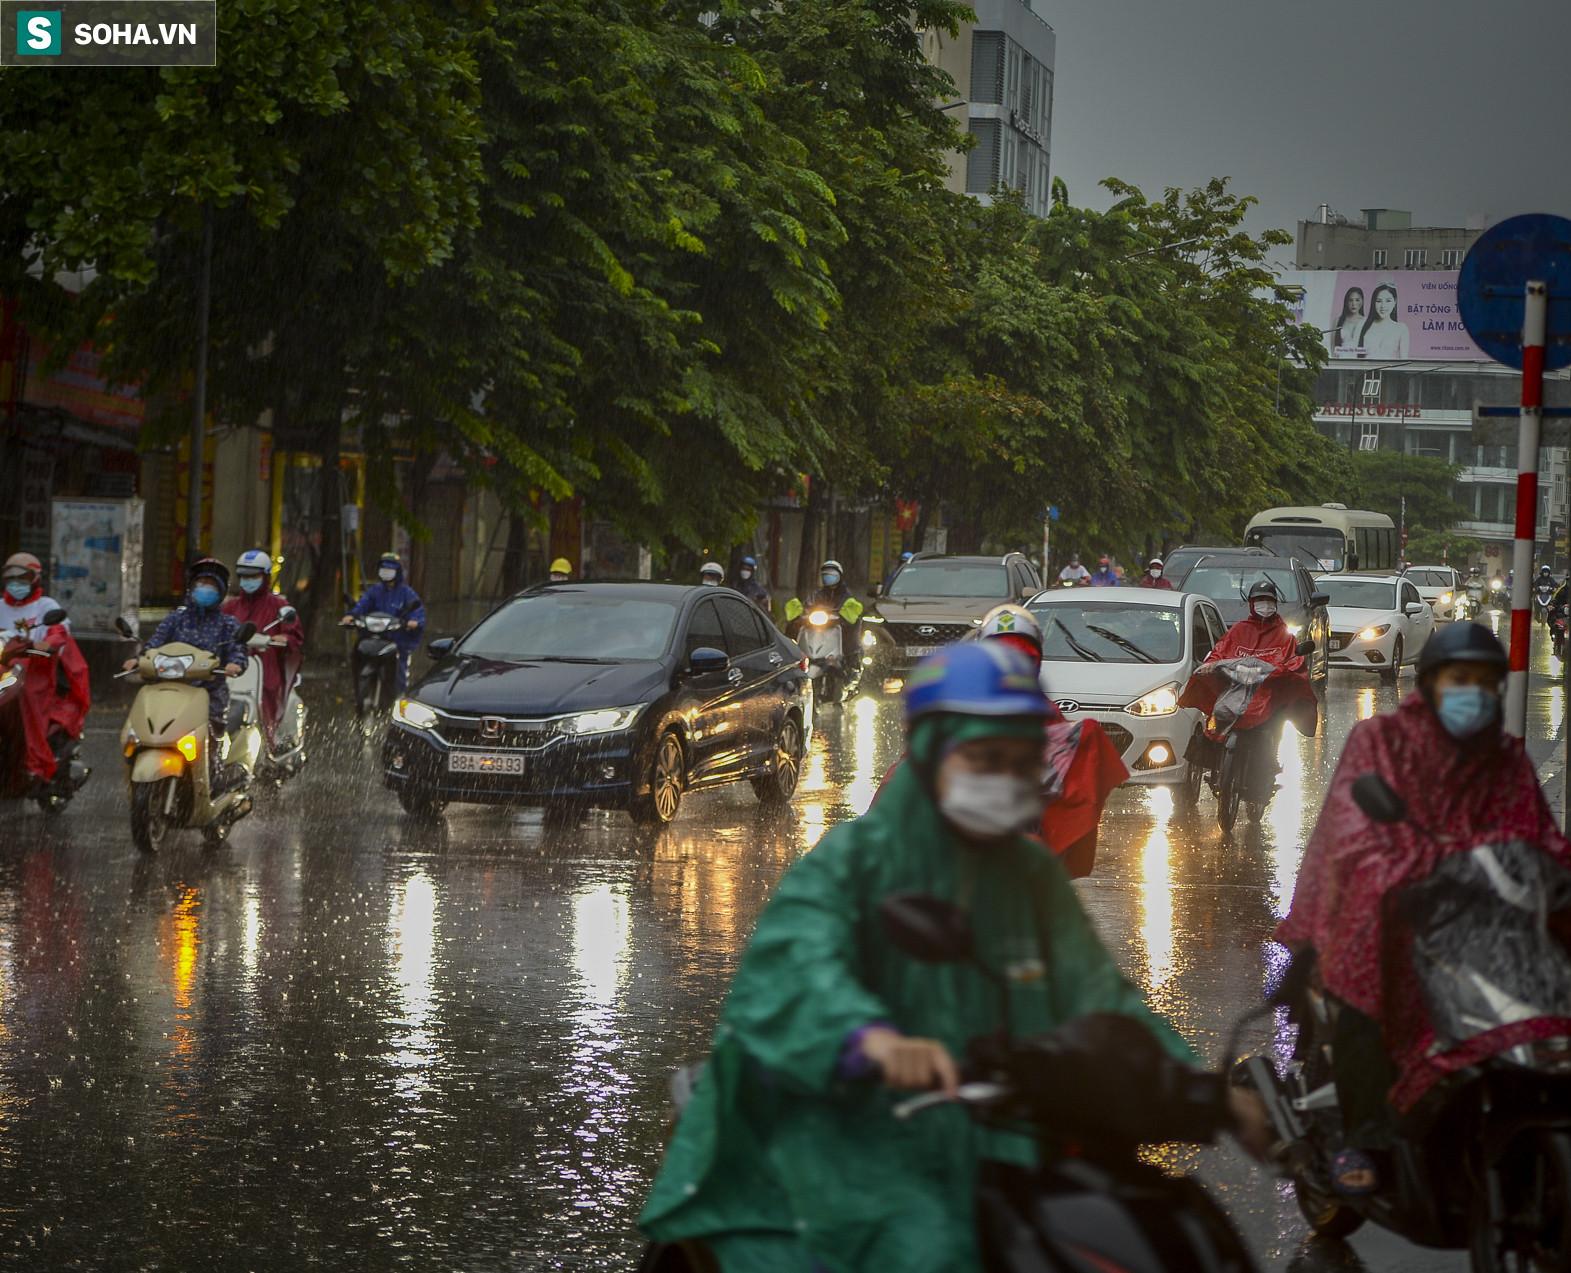 Cơn mưa rào khiến trời Hà Nội 8h sáng vẫn tối đen như mực - Ảnh 6.